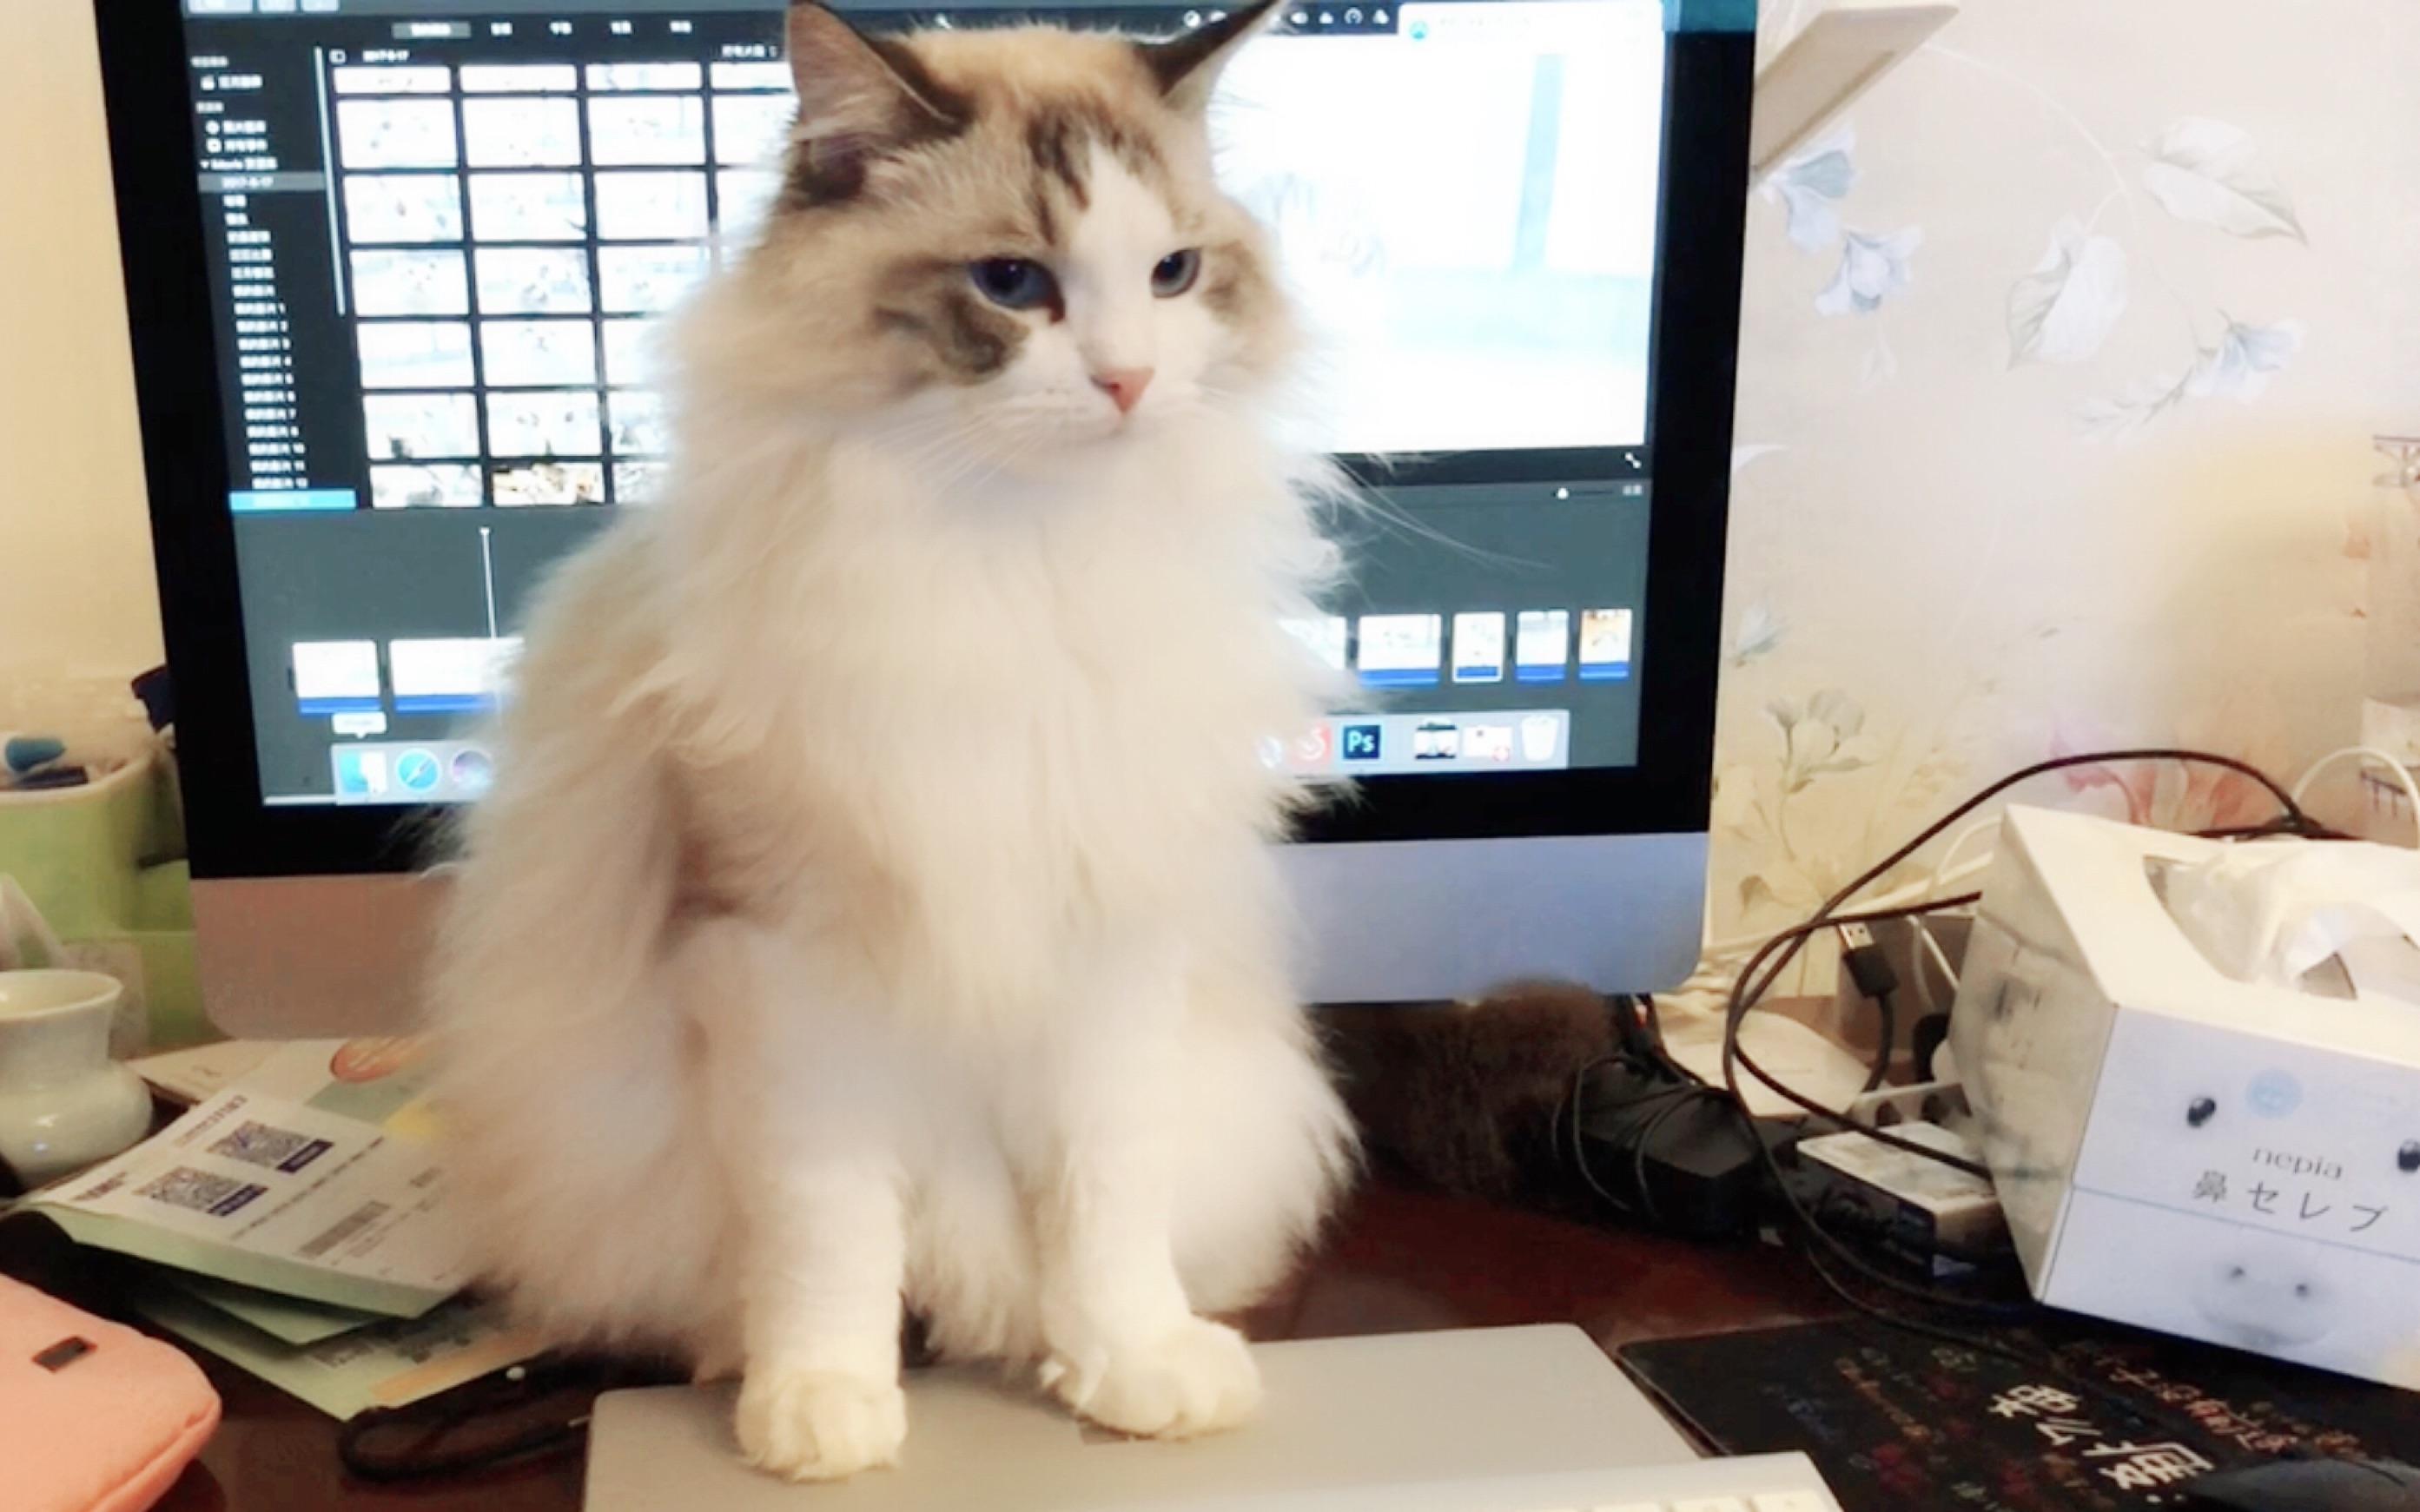 猫咪视频_猫咪为防止主人将老婆隐私泄露给网友竟百般阻挠其修剪视频